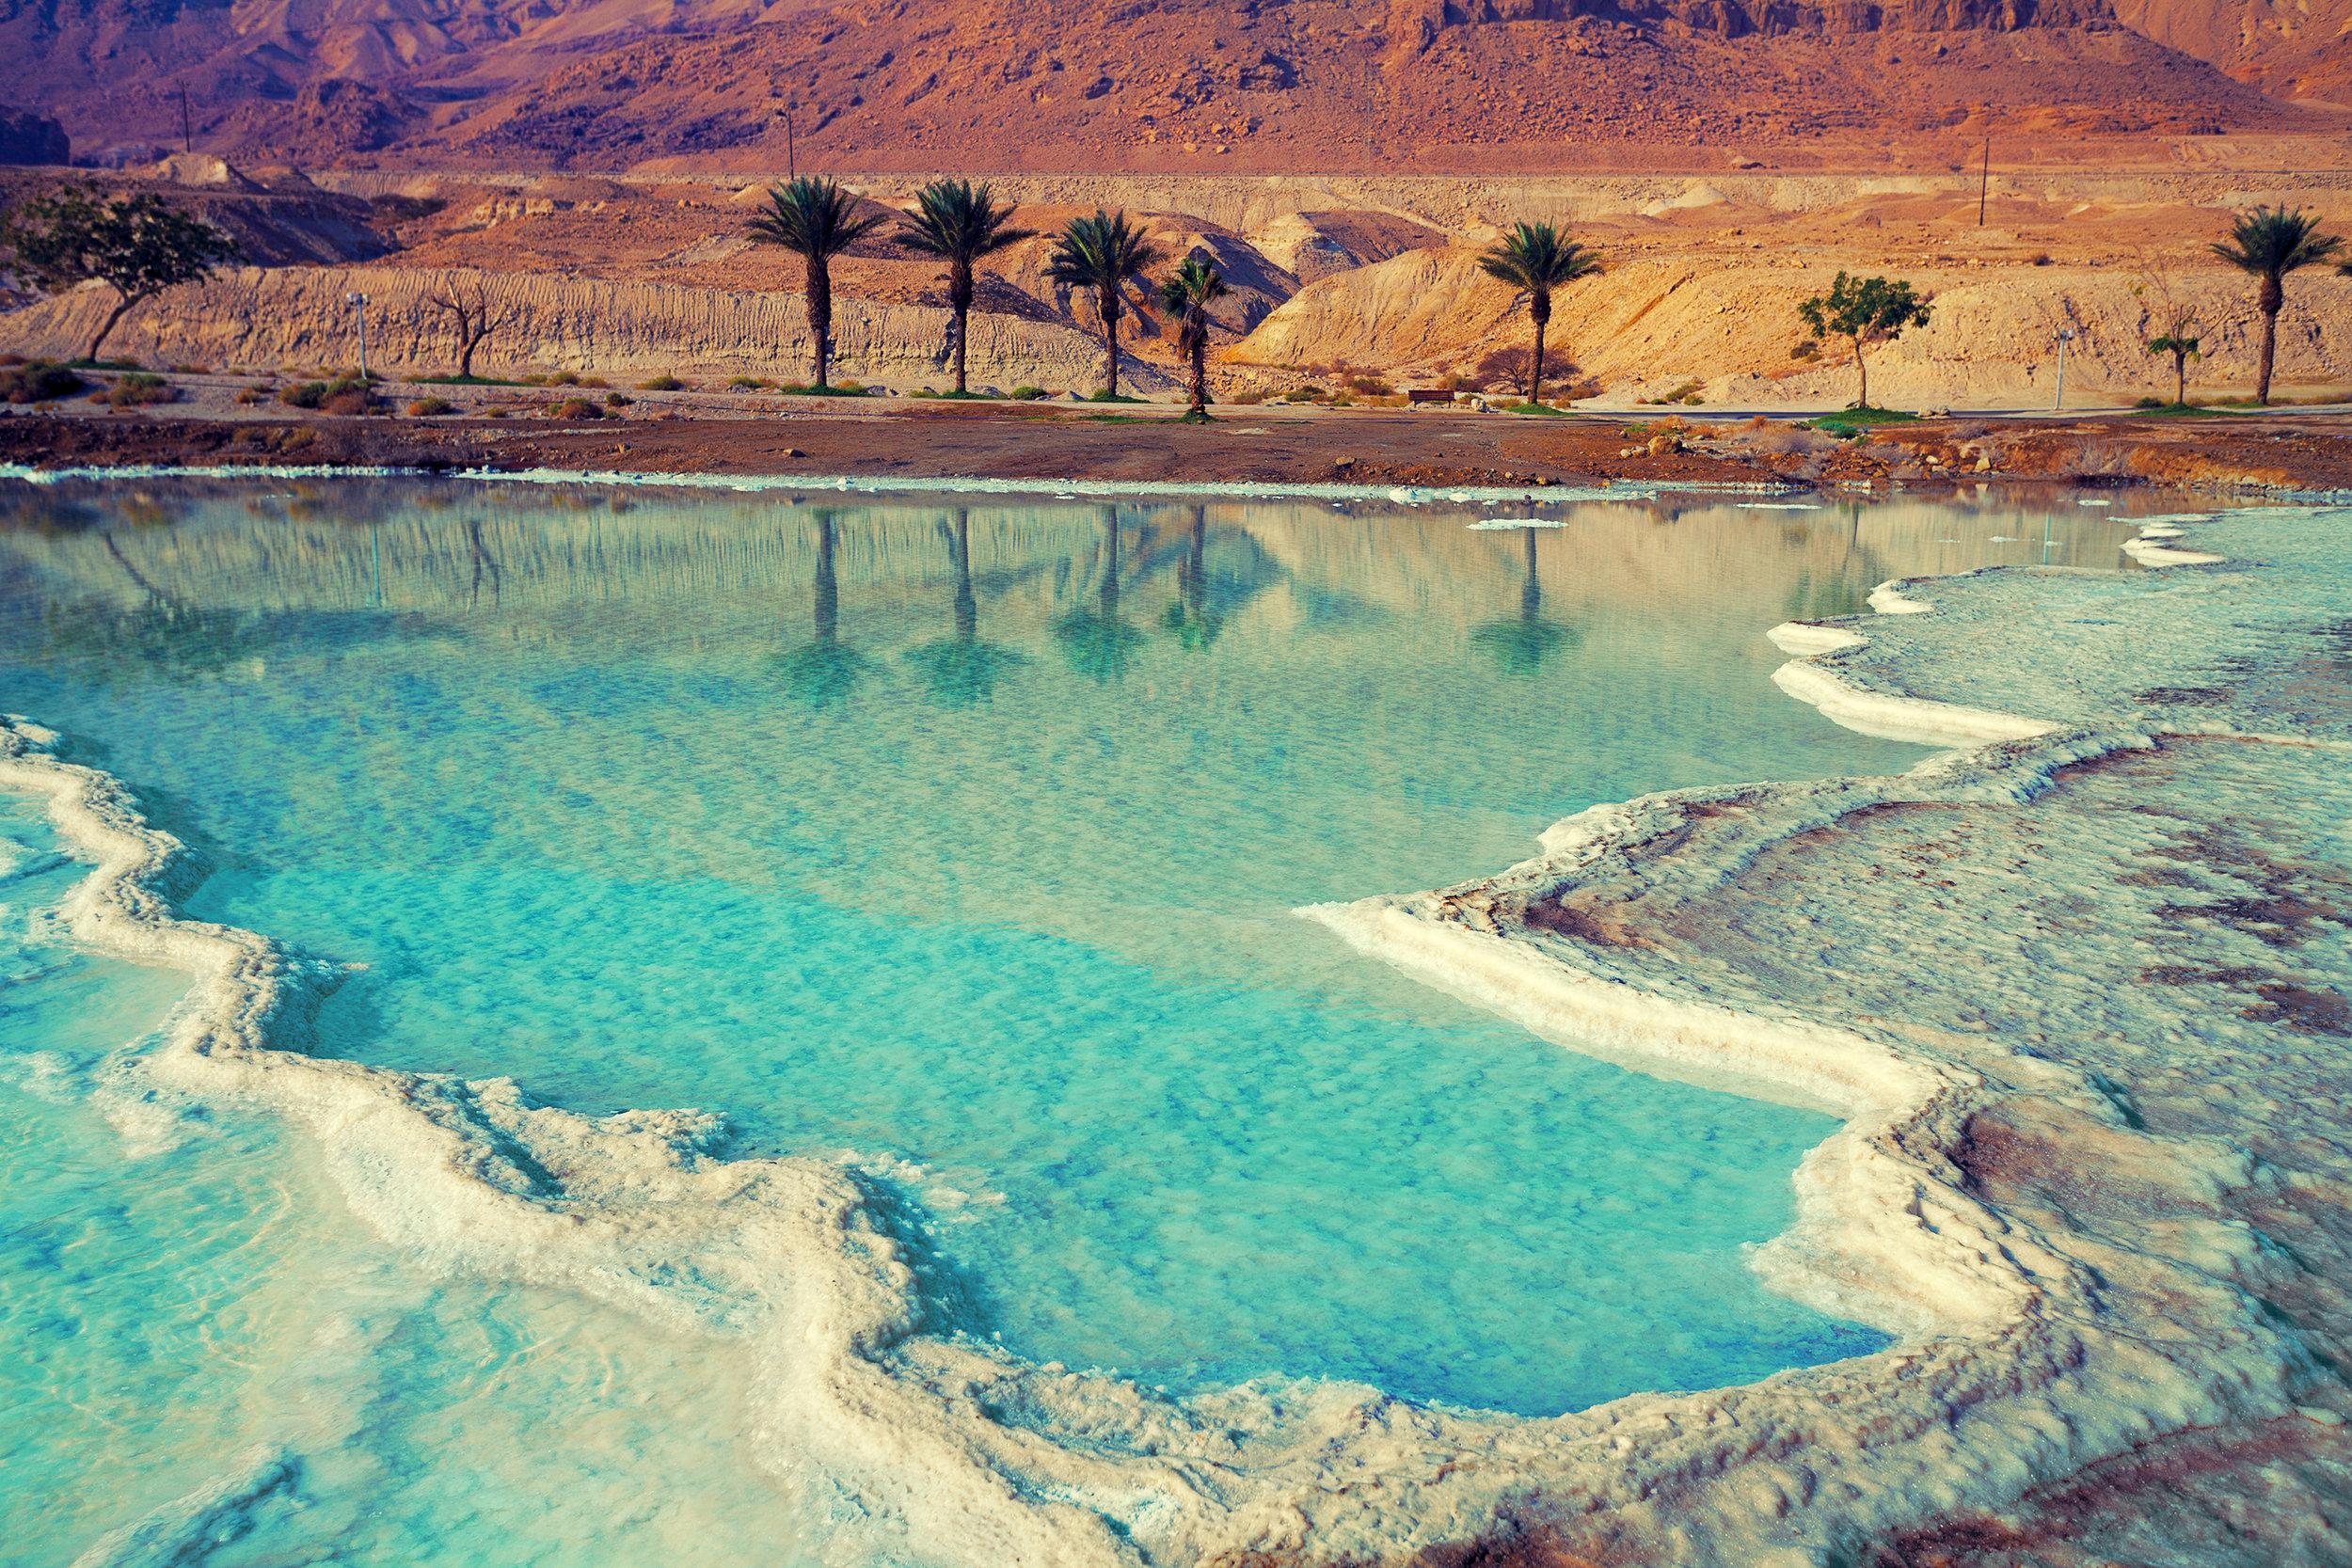 Dead Sea - April 2nd - April 9th 2020